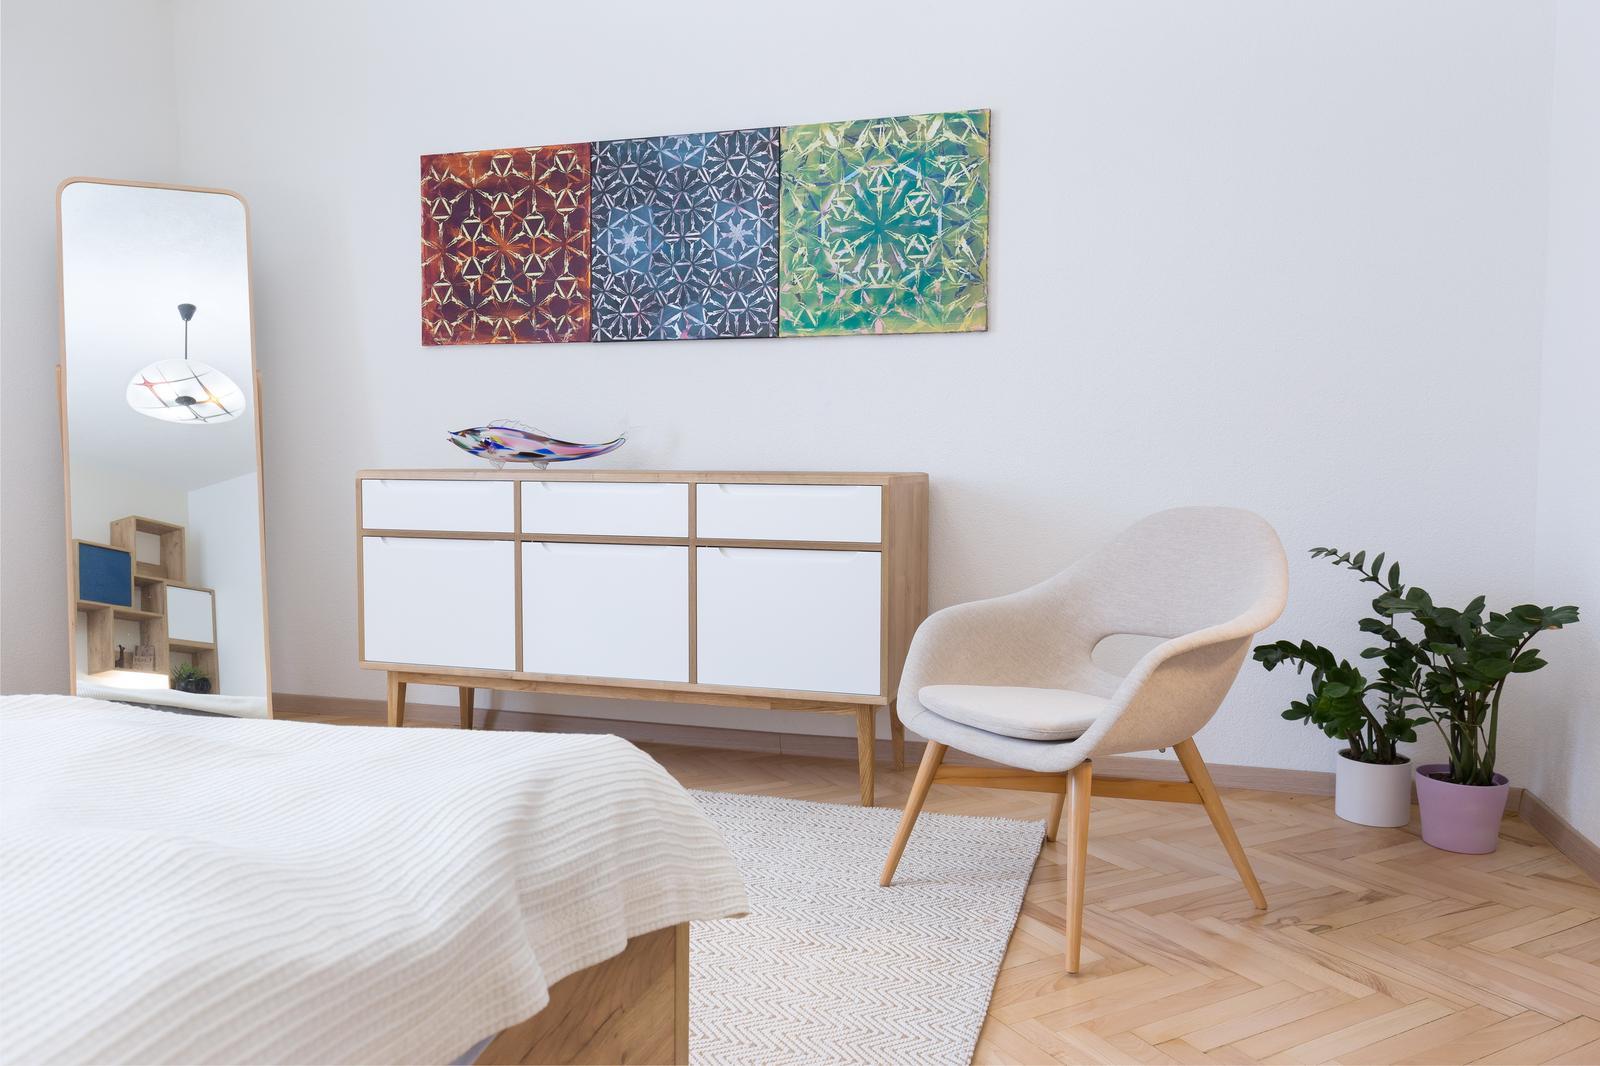 Náš zrealizovaný interiér bytu v Banskej Bystrici sme prihlásili do súťaže INTERIÉR ROKU 2017 - komoda v spálni